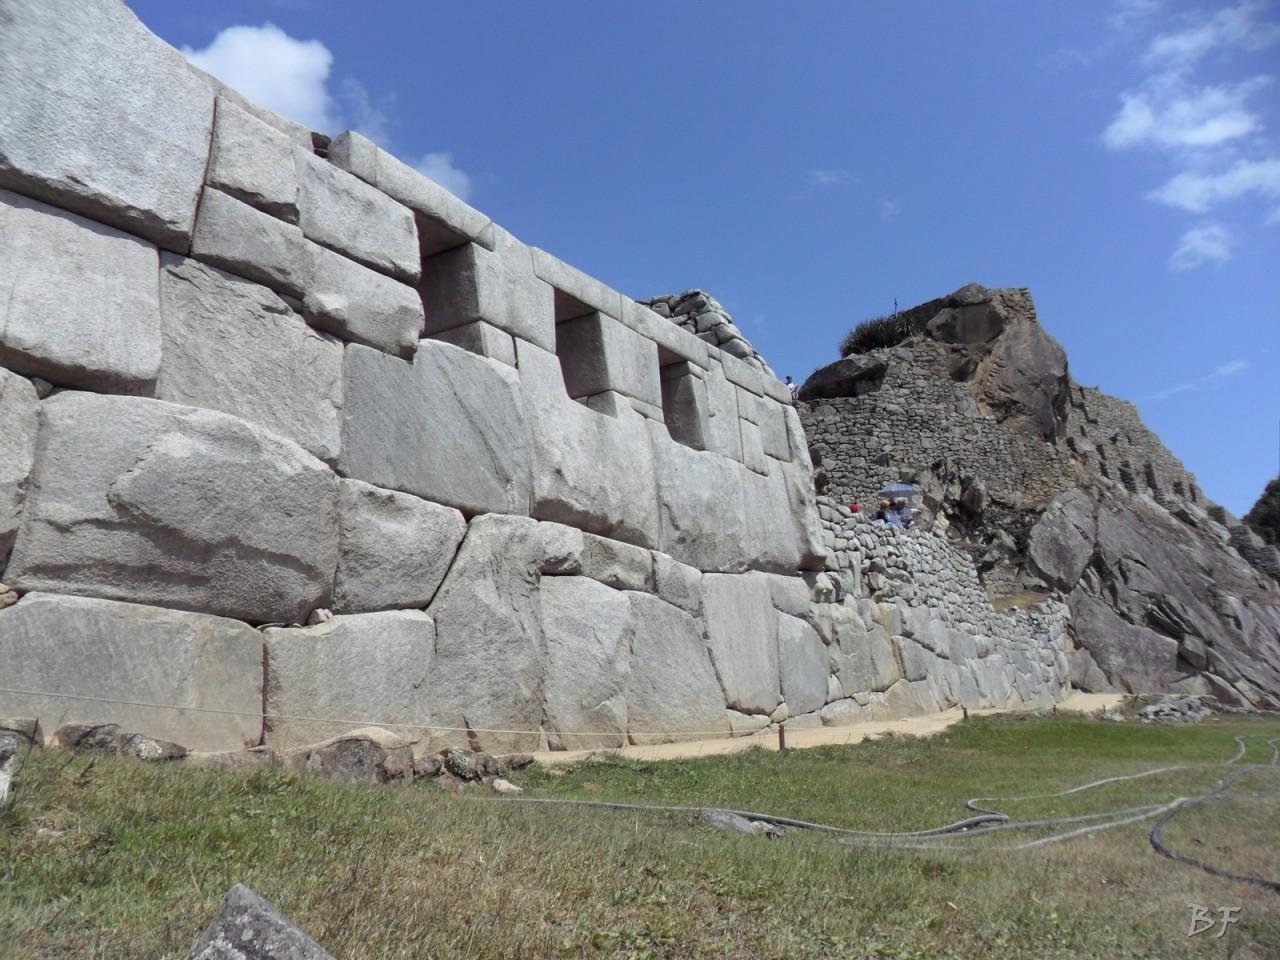 Mura-Poligonali-Incisioni-Altari-Edifici-Rupestri-Megaliti-Machu-Picchu-Aguas-Calientes-Urubamba-Cusco-Perù-52